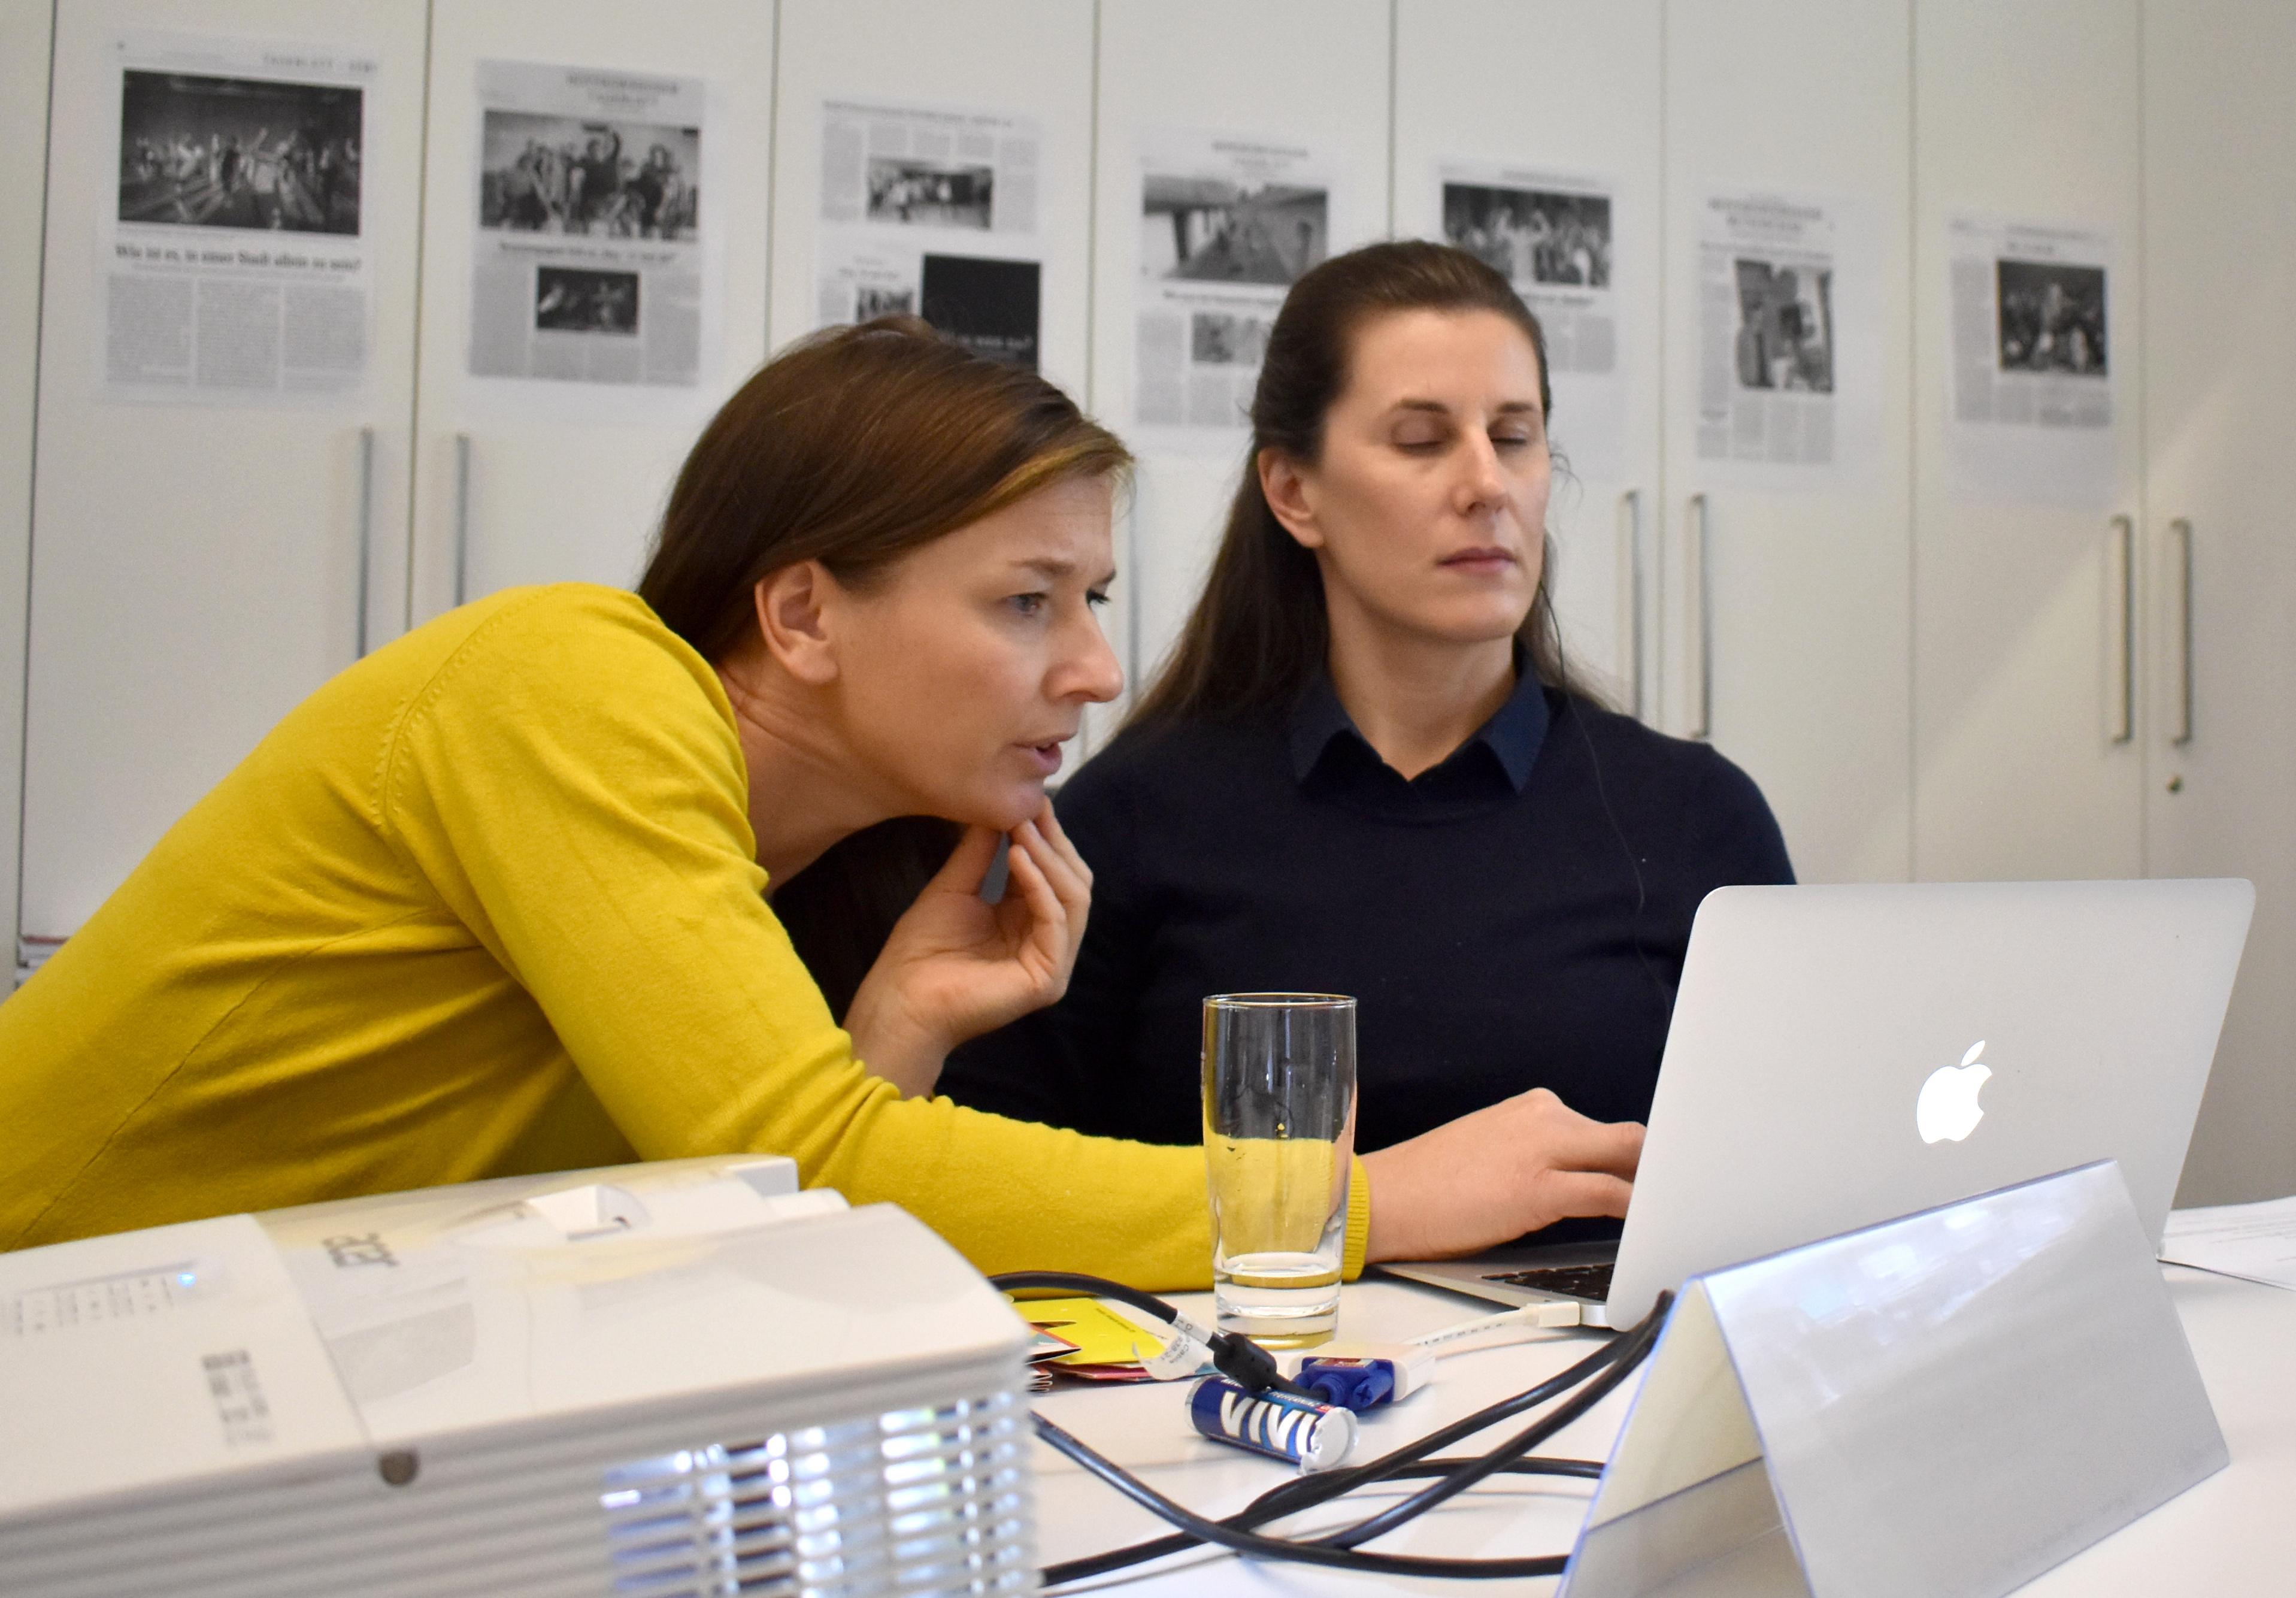 Das Foto zeigt zwei nebeneinandersitzende Personen vor einem Laptop. Workshops. Im Vordergrund steht ein Beamer.